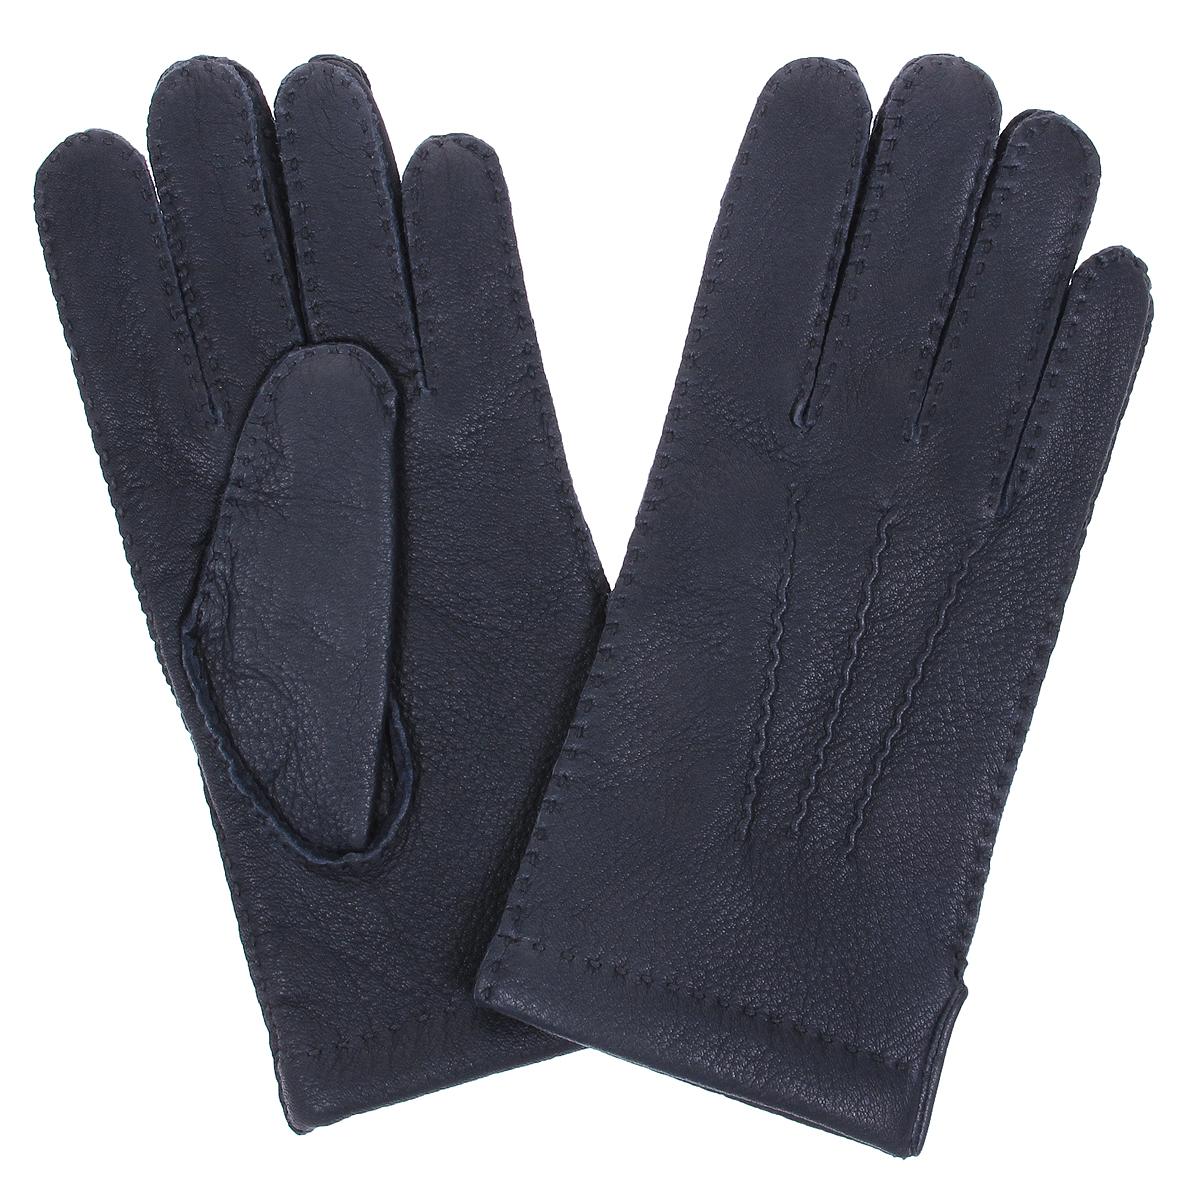 Перчатки мужские. 1115A-11115A-1/43Стильные мужские перчатки Baggini не только защитят ваши руки от холода, но и станут великолепным украшением. Перчатки выполнены из чрезвычайно мягкой и приятной на ощупь натуральной кожи на подкладке из акриловой пряжи. С внешней стороны перчатки оформлены прострочкой. В настоящее время перчатки являются неотъемлемой принадлежностью одежды. Перчатки станут завершающим и подчеркивающим элементом вашего стиля и неповторимости.